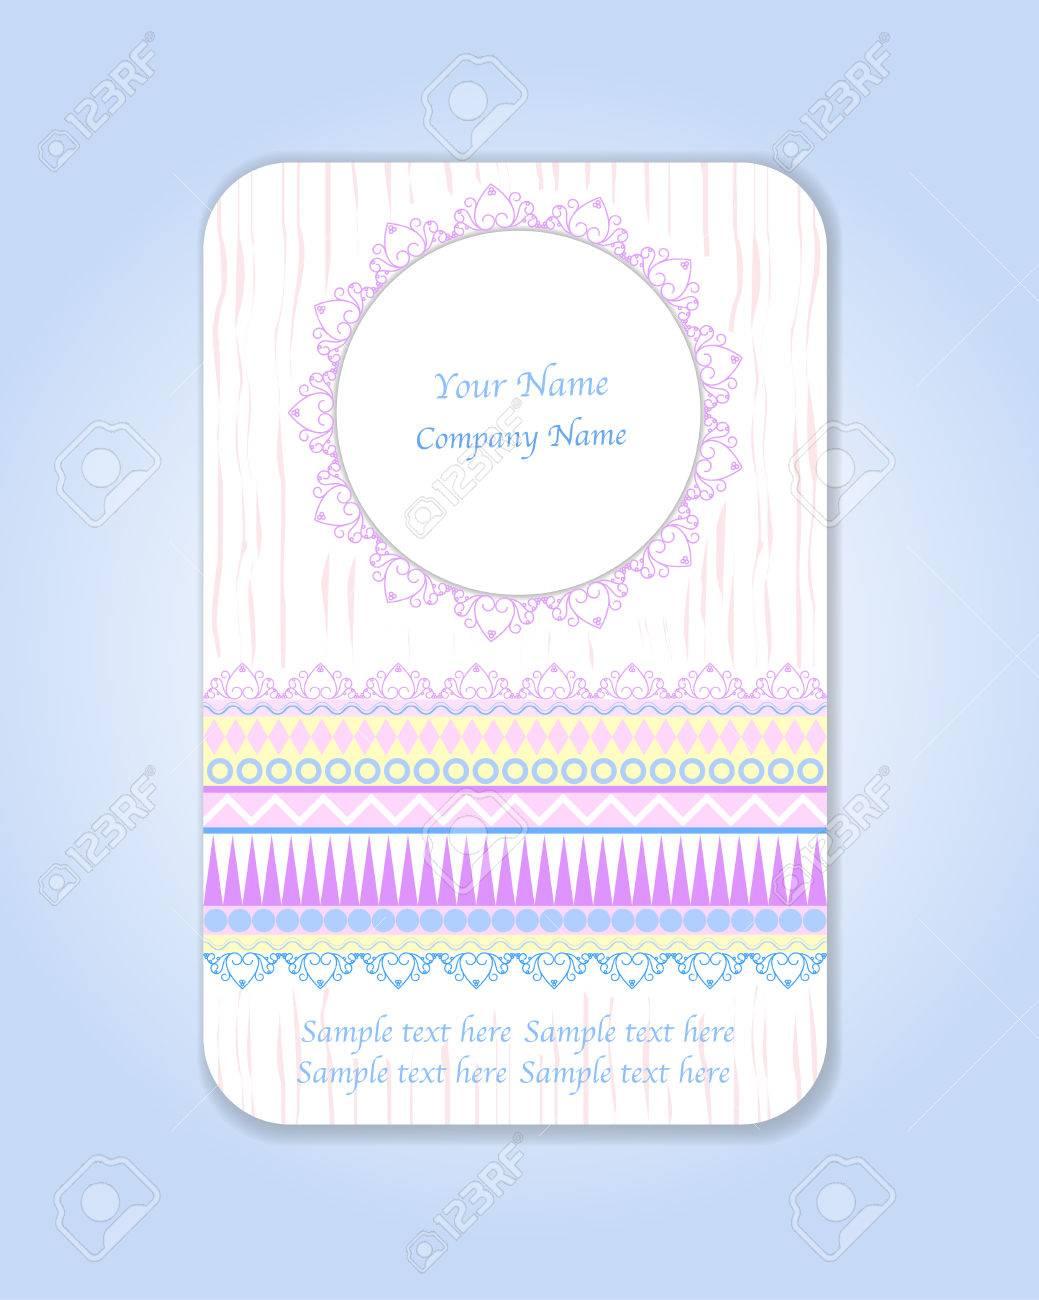 Idal Pour Le Mariage Motifs Vintages Ethnique Tribale Cartes De Visite Faites Gagner La Date Baby Shower Fte Des Mres Saint Valentin